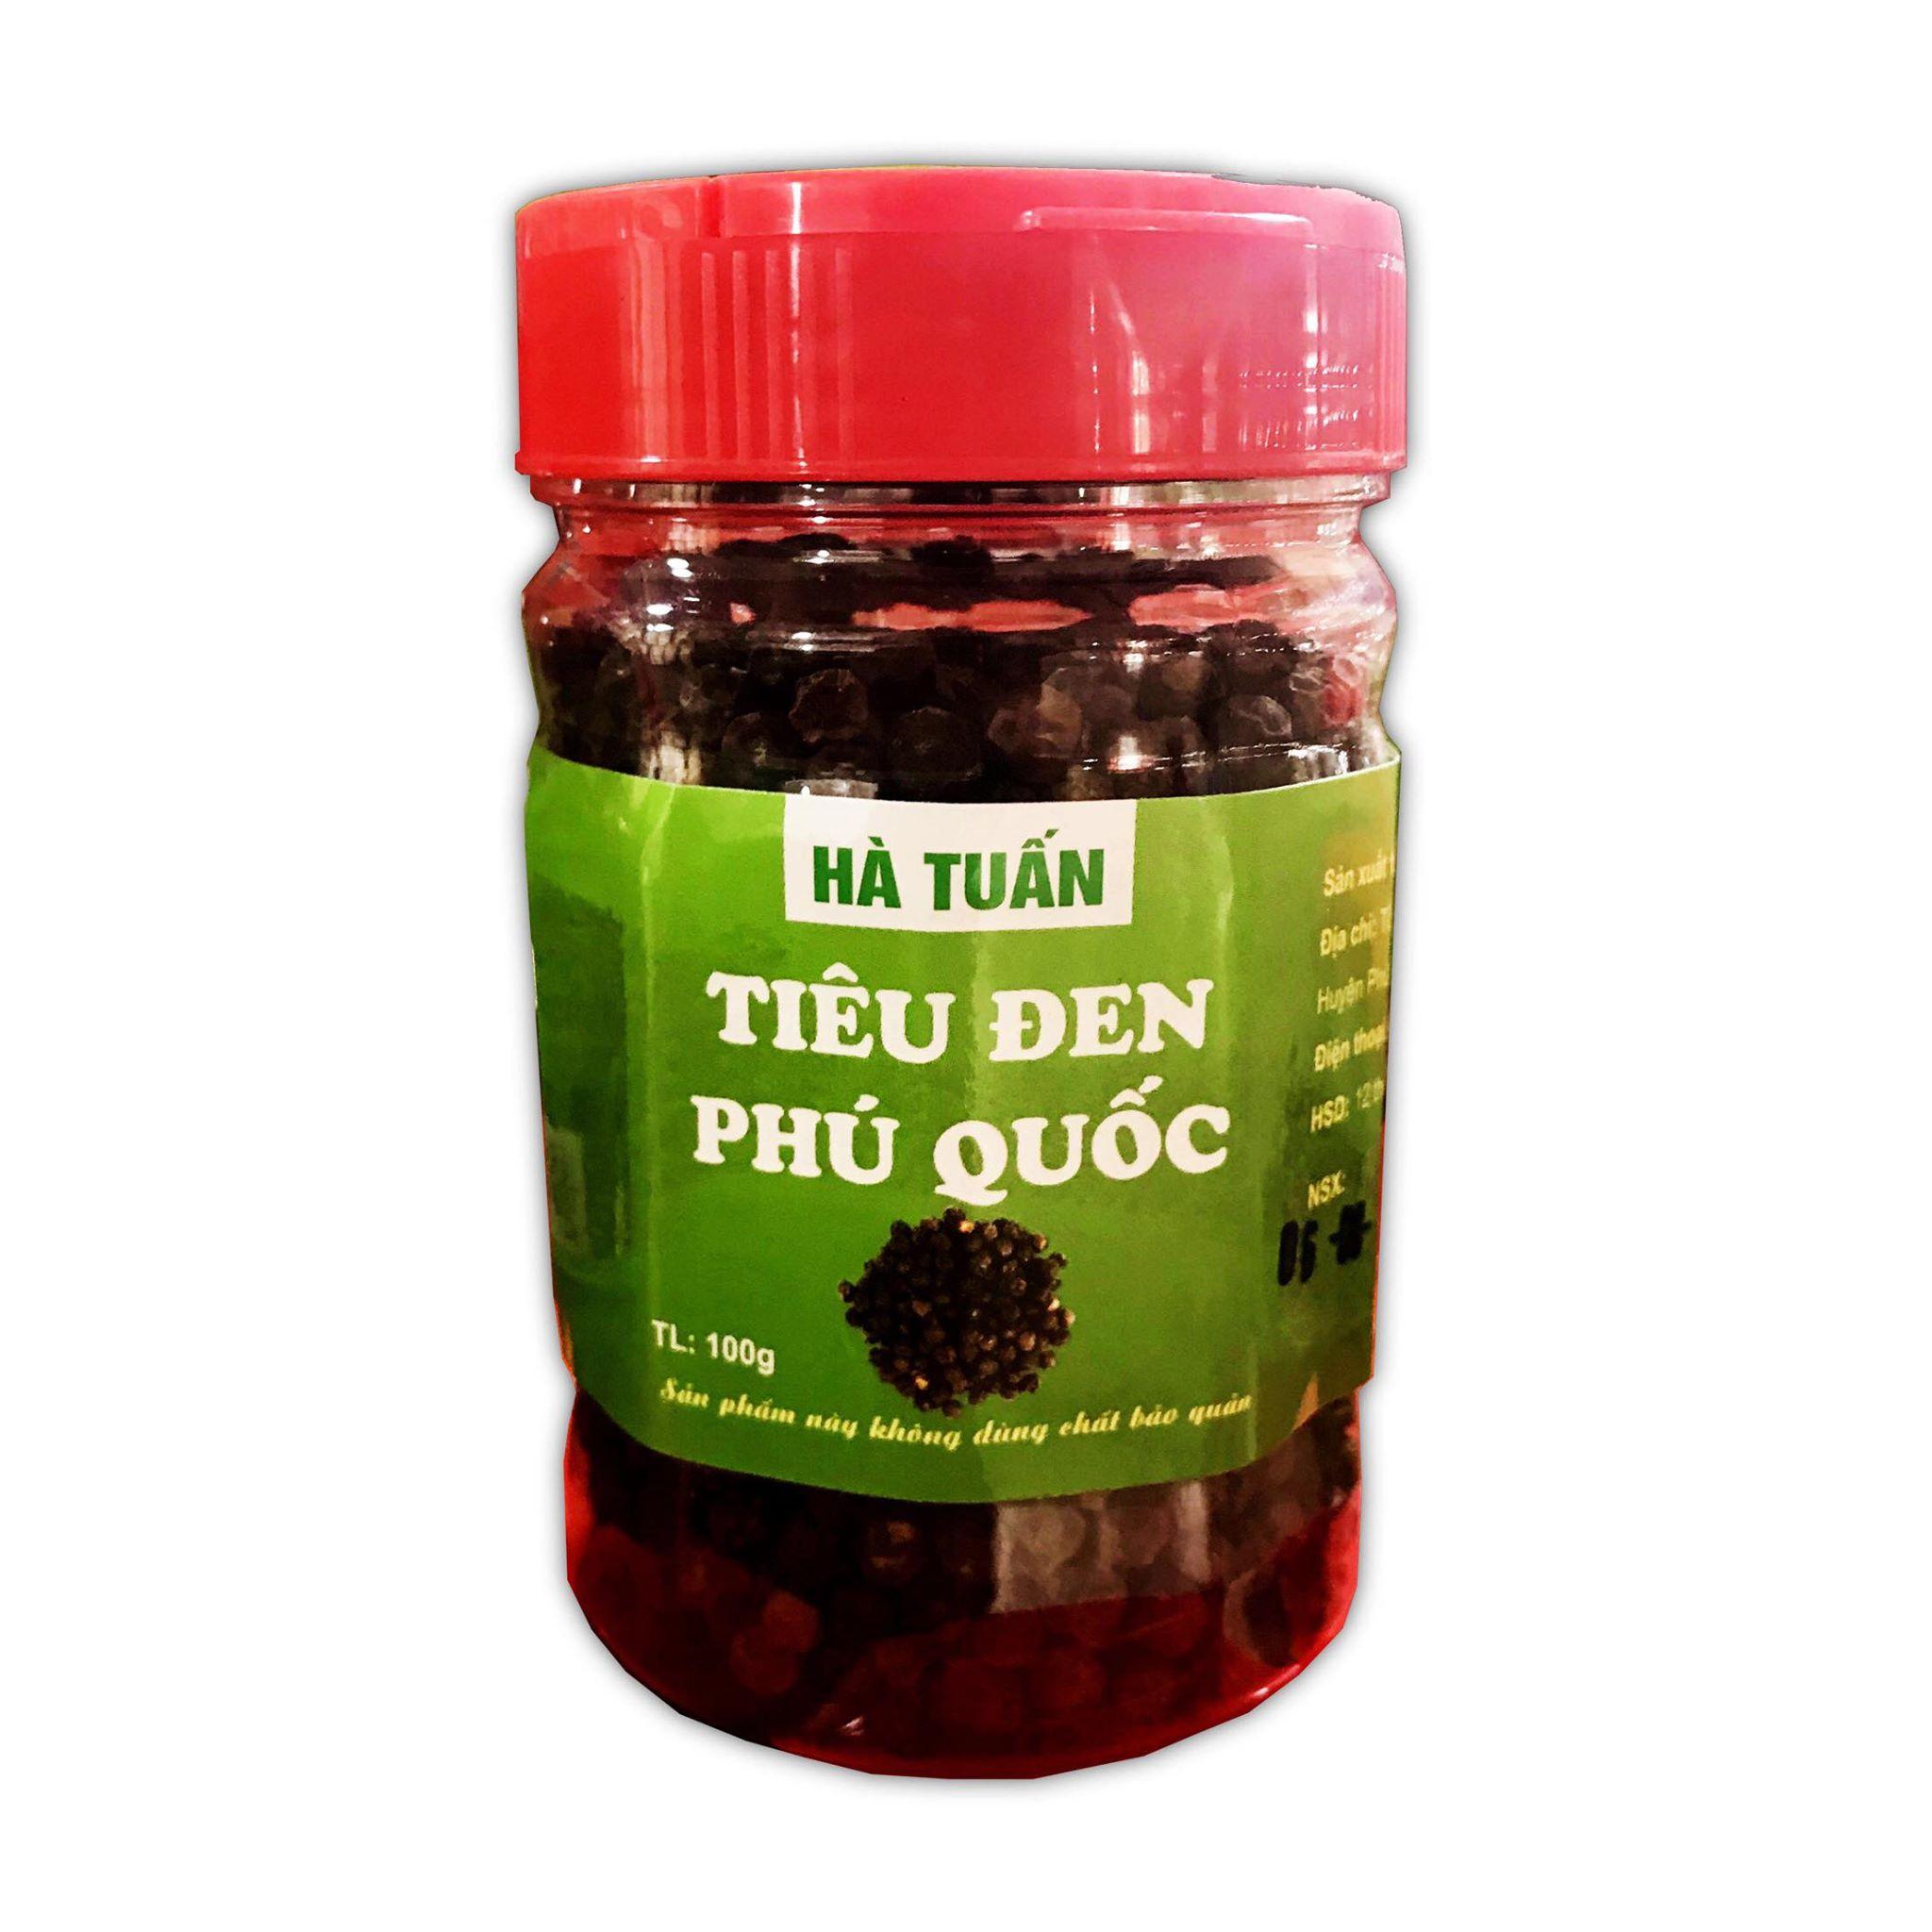 Tiêu đen hạt Hà Tuấn - Đặc sản Phú Quốc